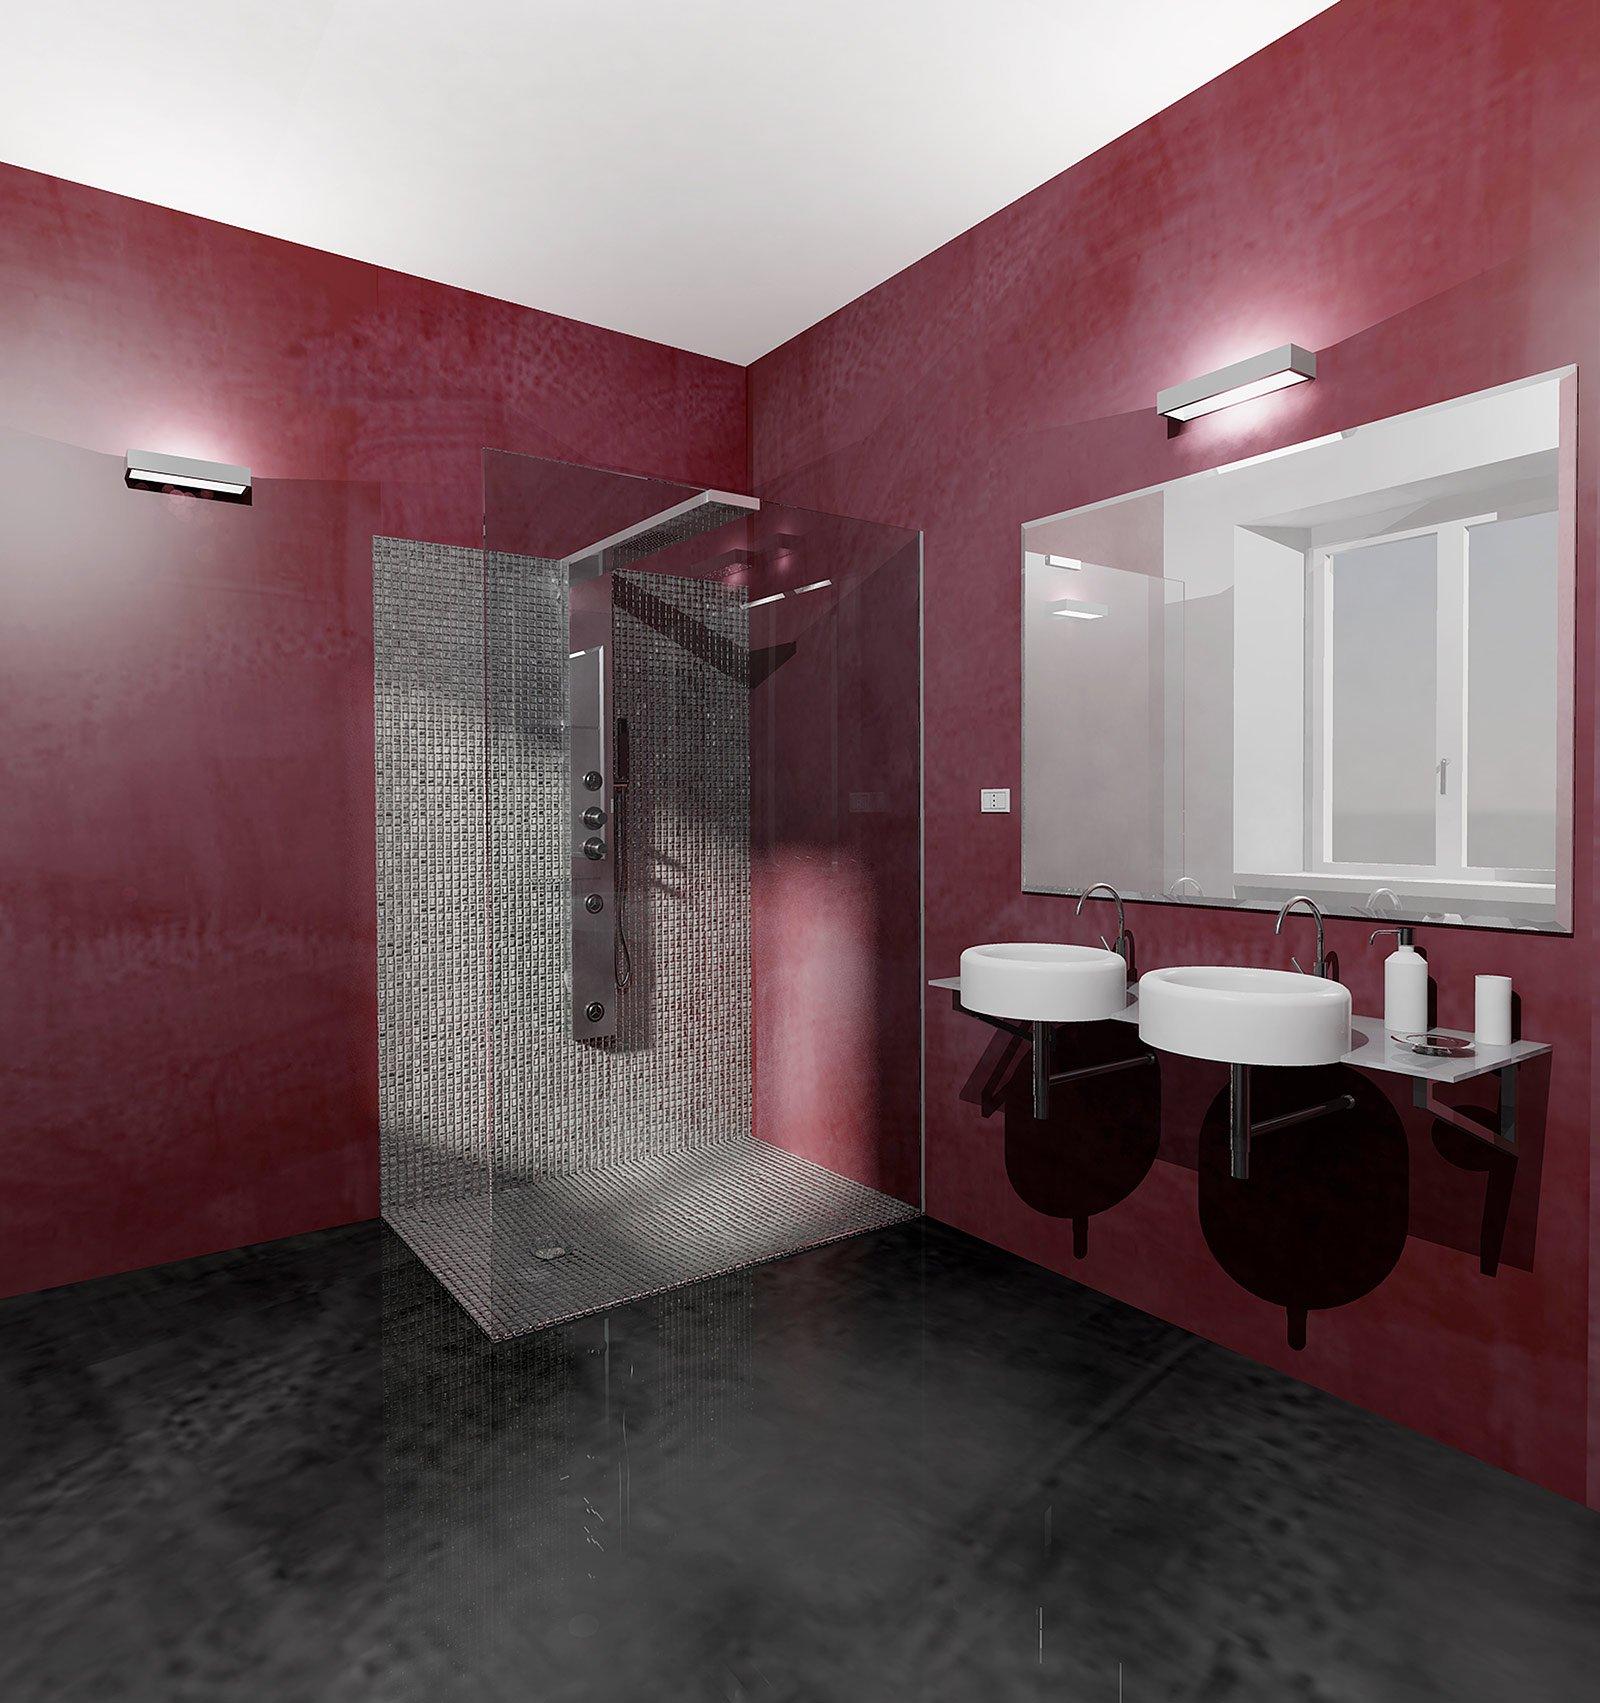 Scegliere i rivestimenti per pareti e pavimenti cose di casa for Pittura per pavimenti